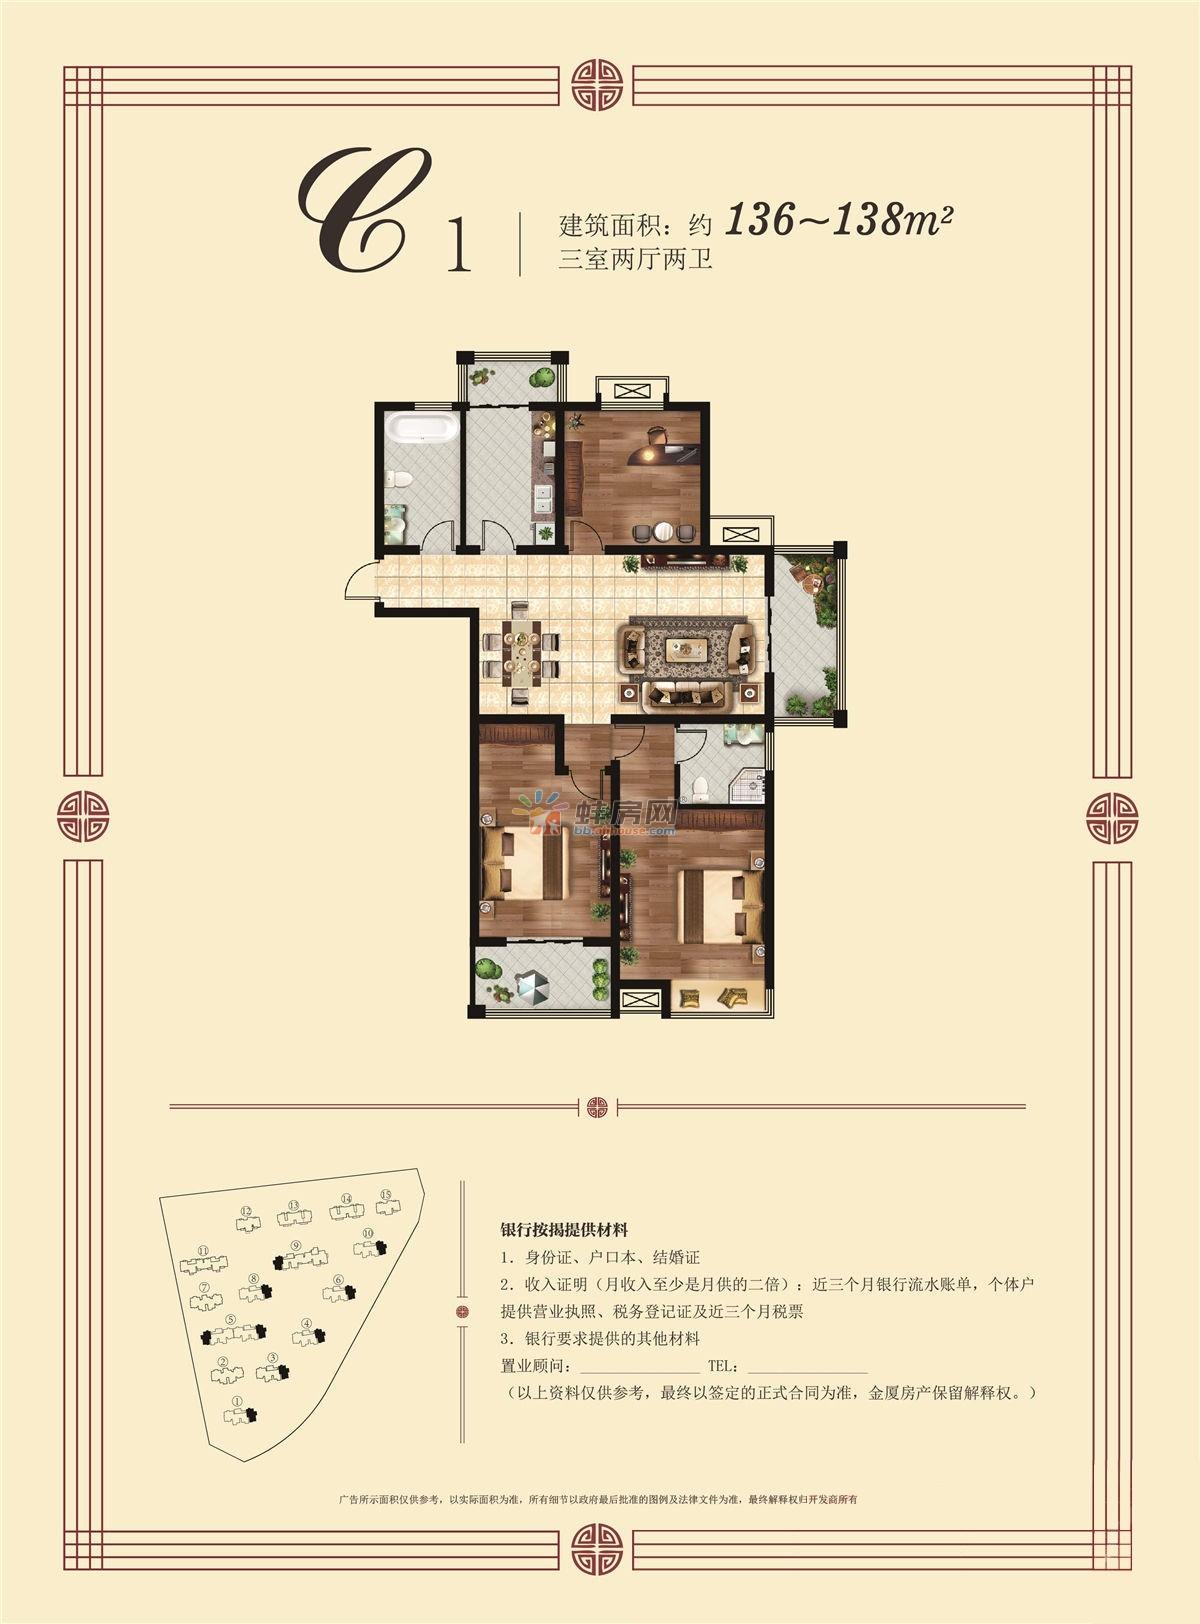 御水龙庭_3室2厅2卫1厨